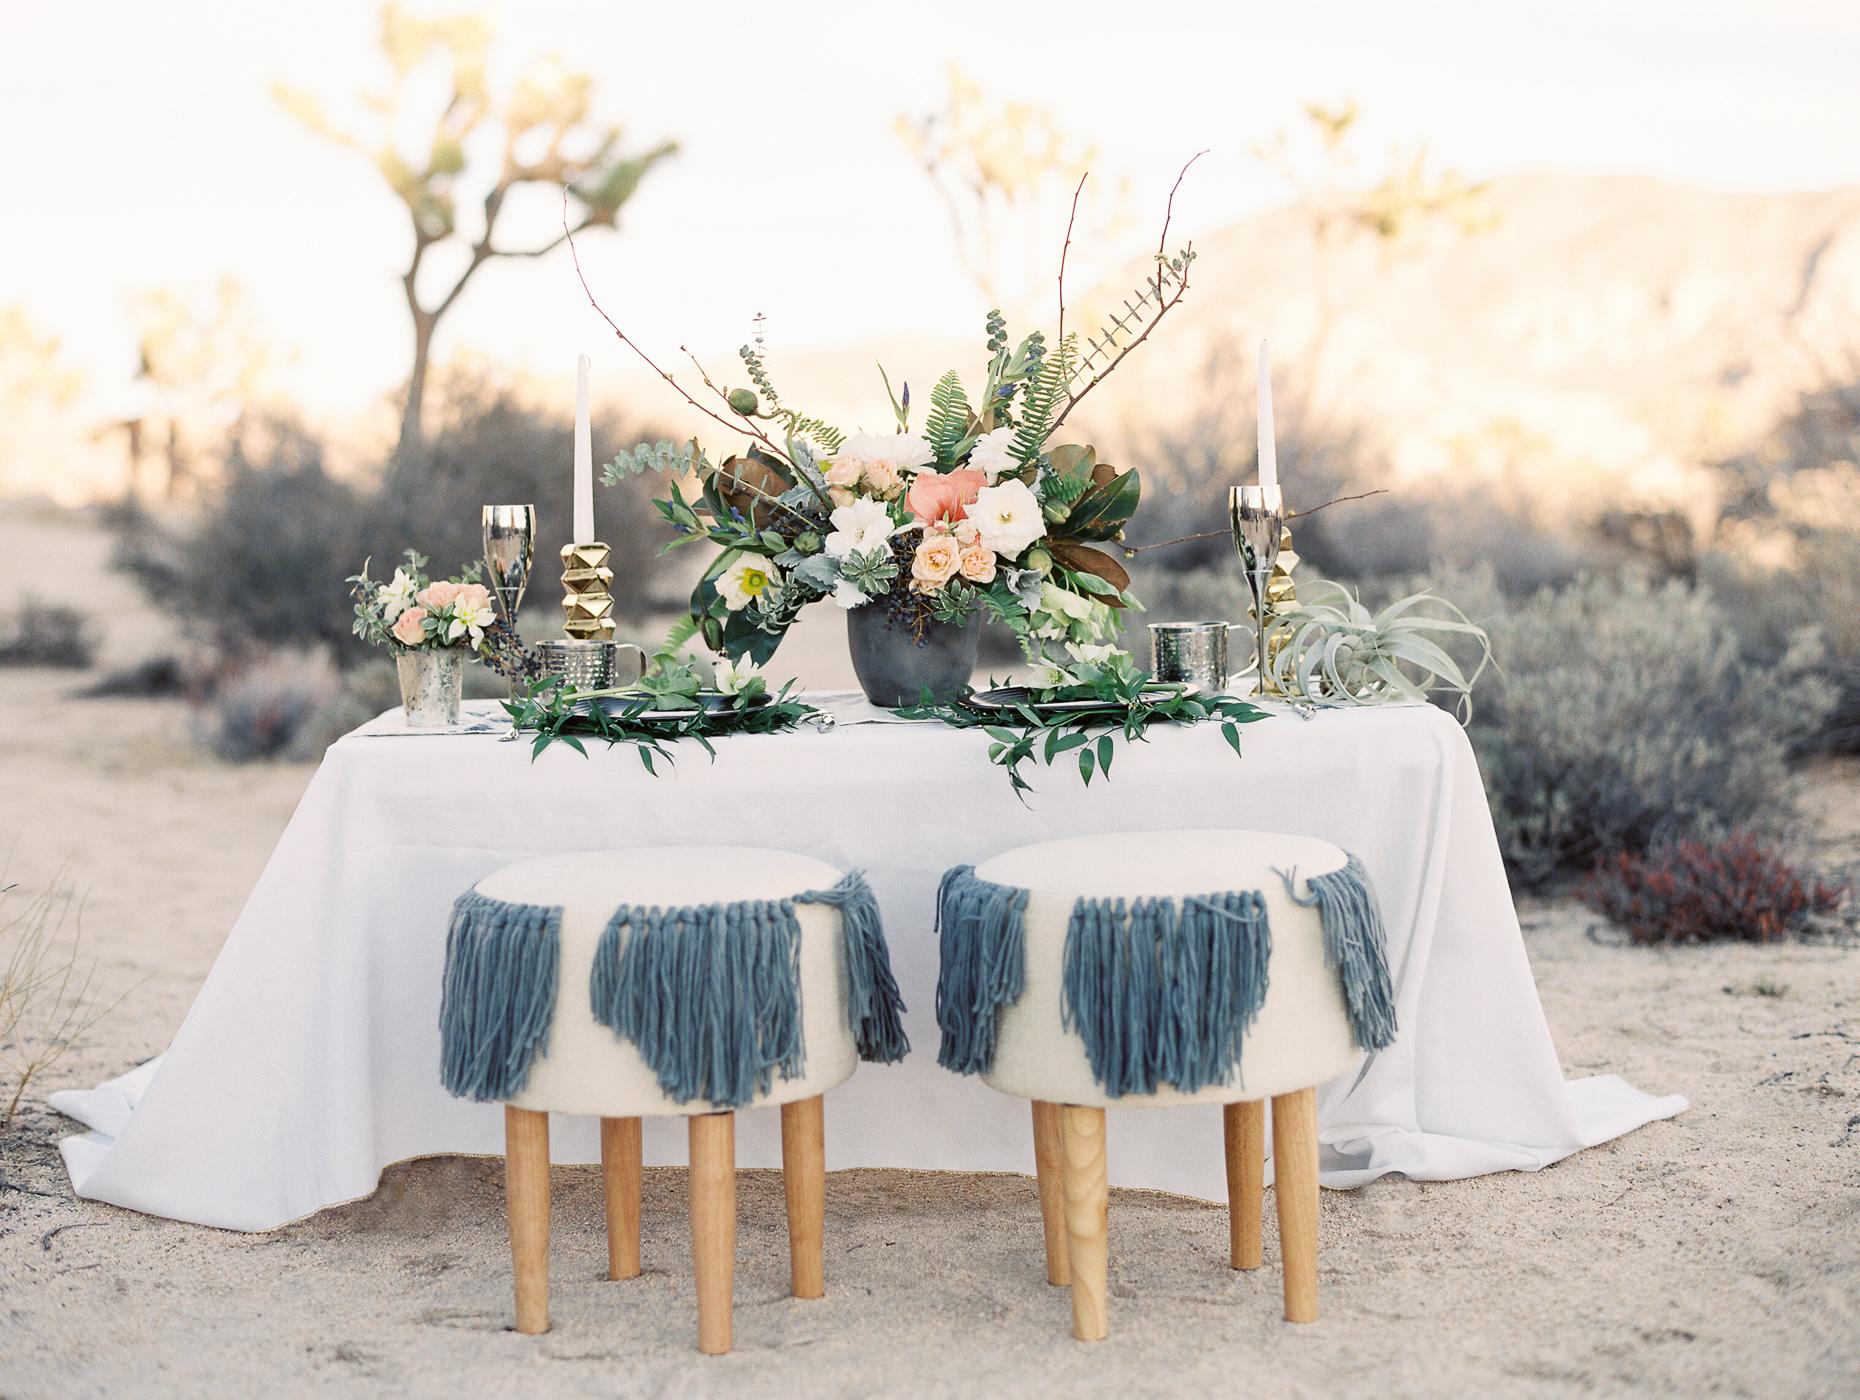 desert wedding inspired sweetheart table